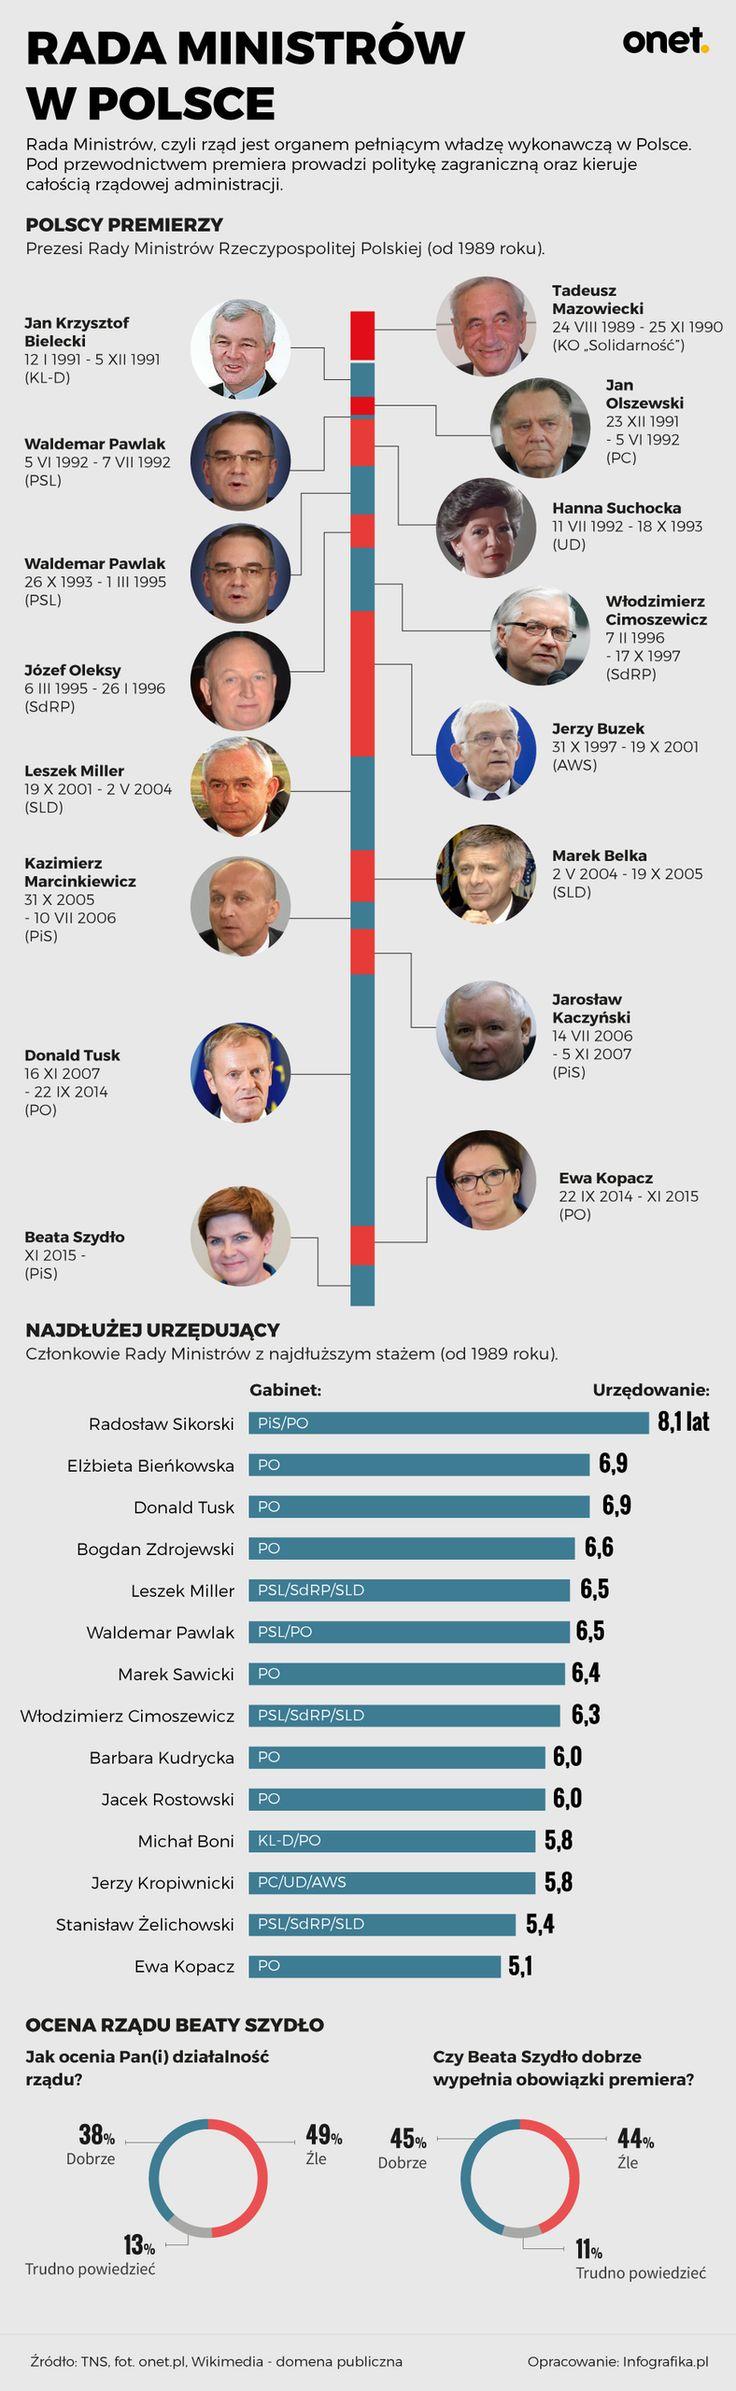 Rada Ministrów w Polsce [INFOGRAFIKA] - Wiadomości